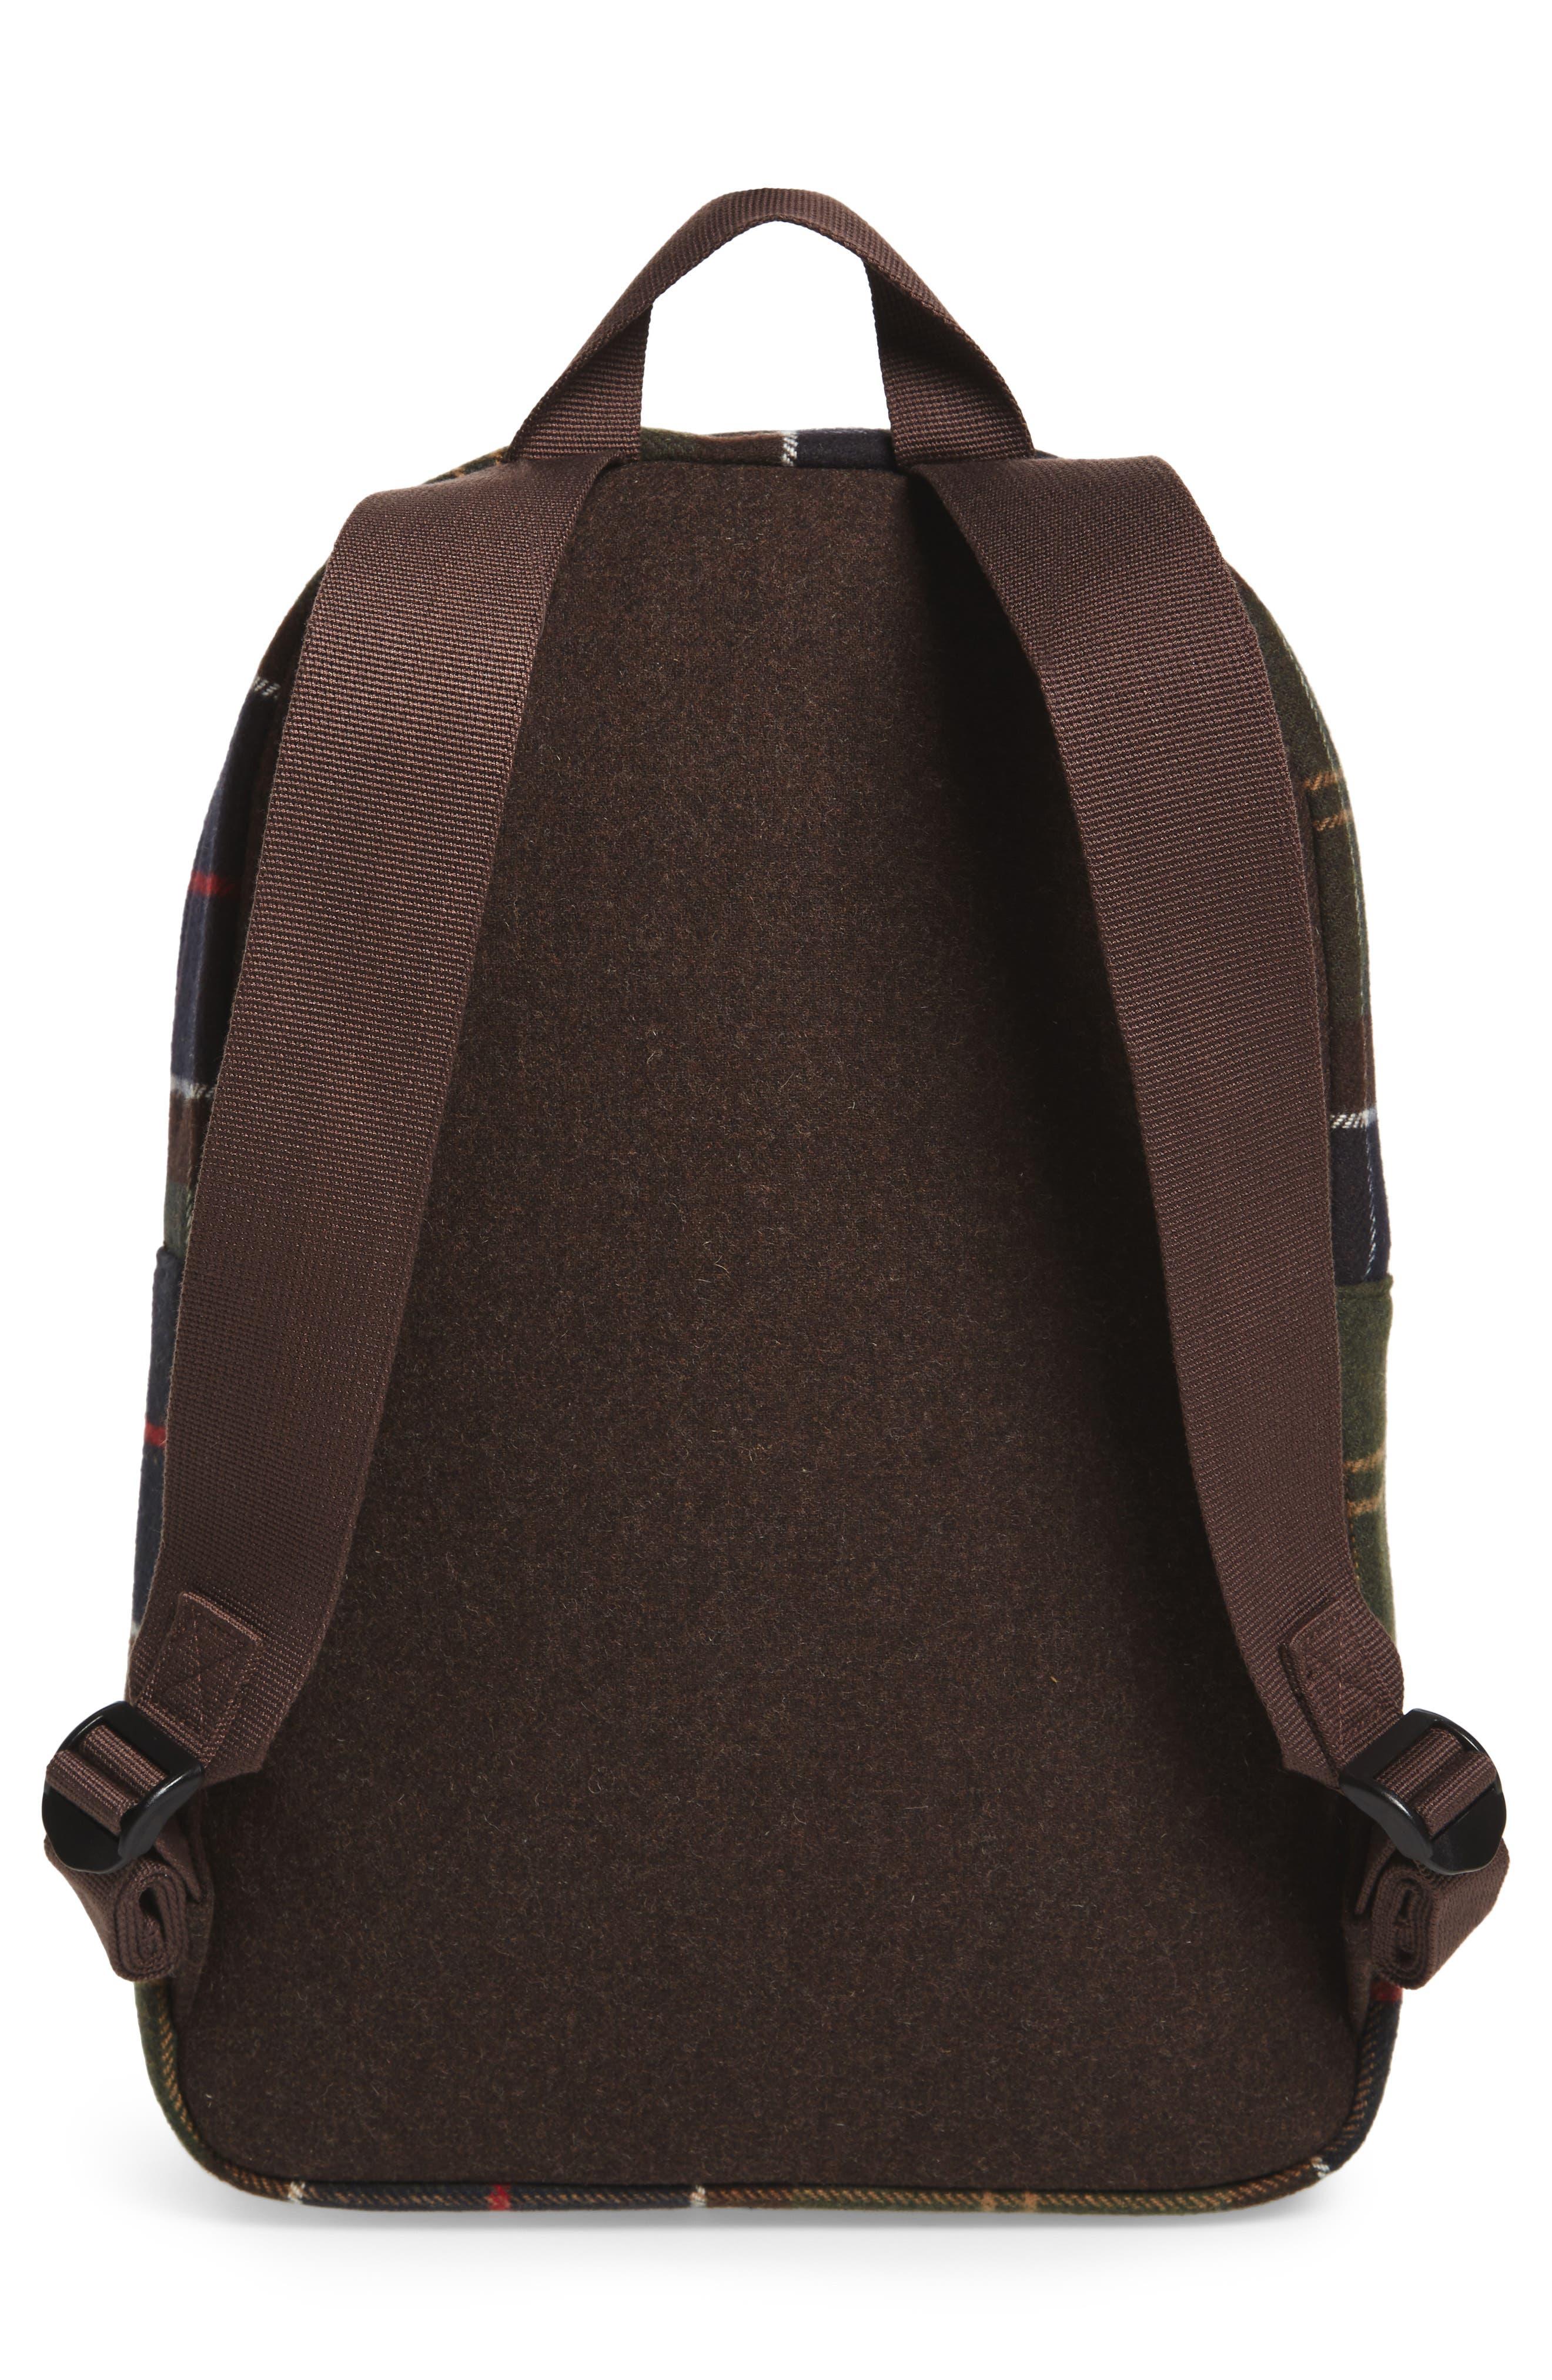 Carrbridge Backpack,                             Alternate thumbnail 3, color,                             300